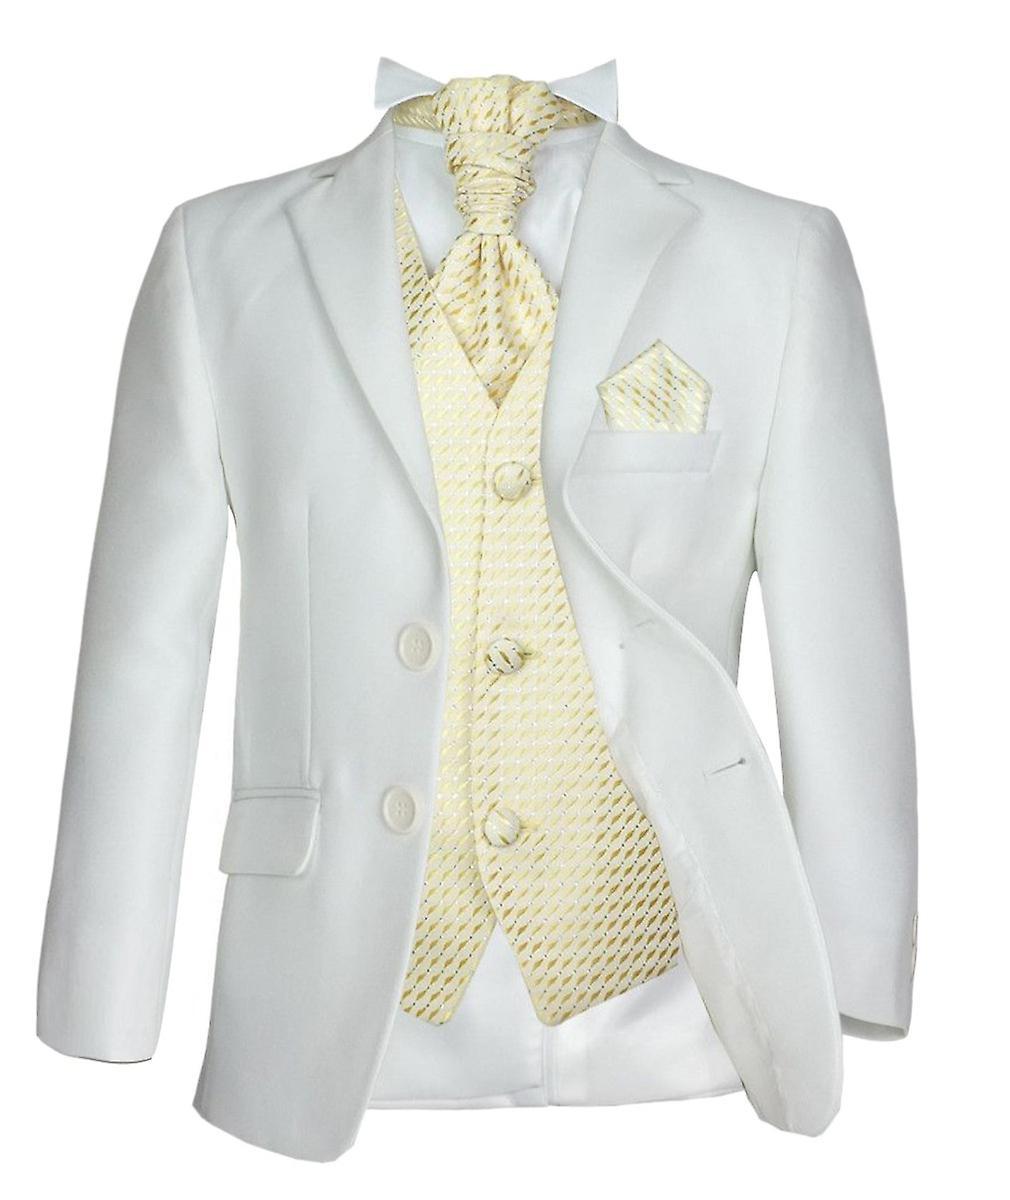 Costume de chasseur garçons 5PC officielle mariage Prom en crème et or